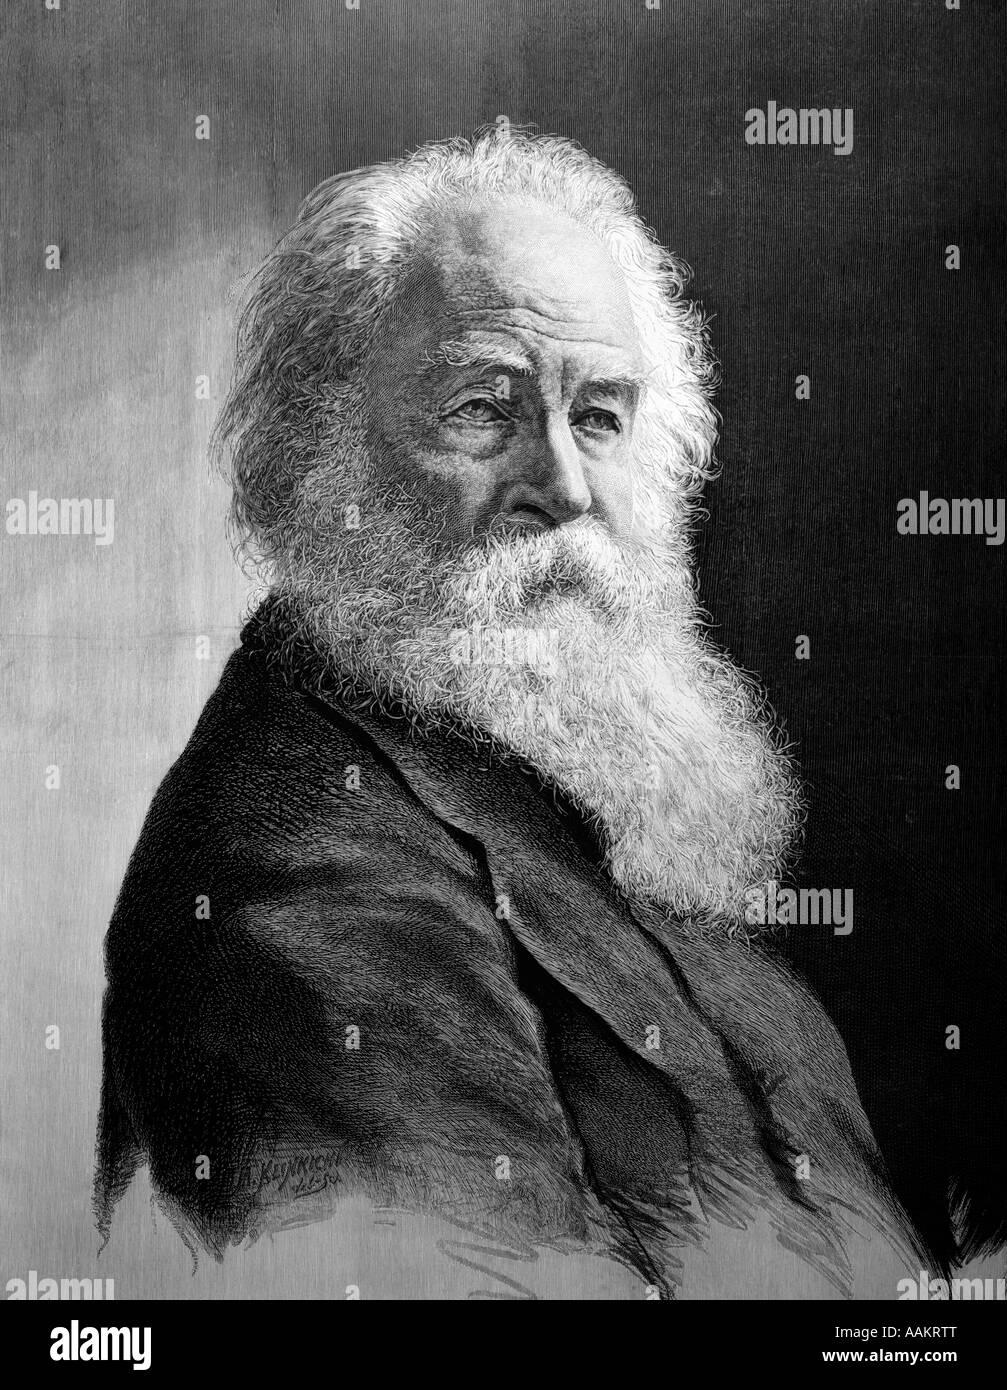 ILLUSTRATION PORTRAIT DE poète américain Walt Whitman Banque D'Images